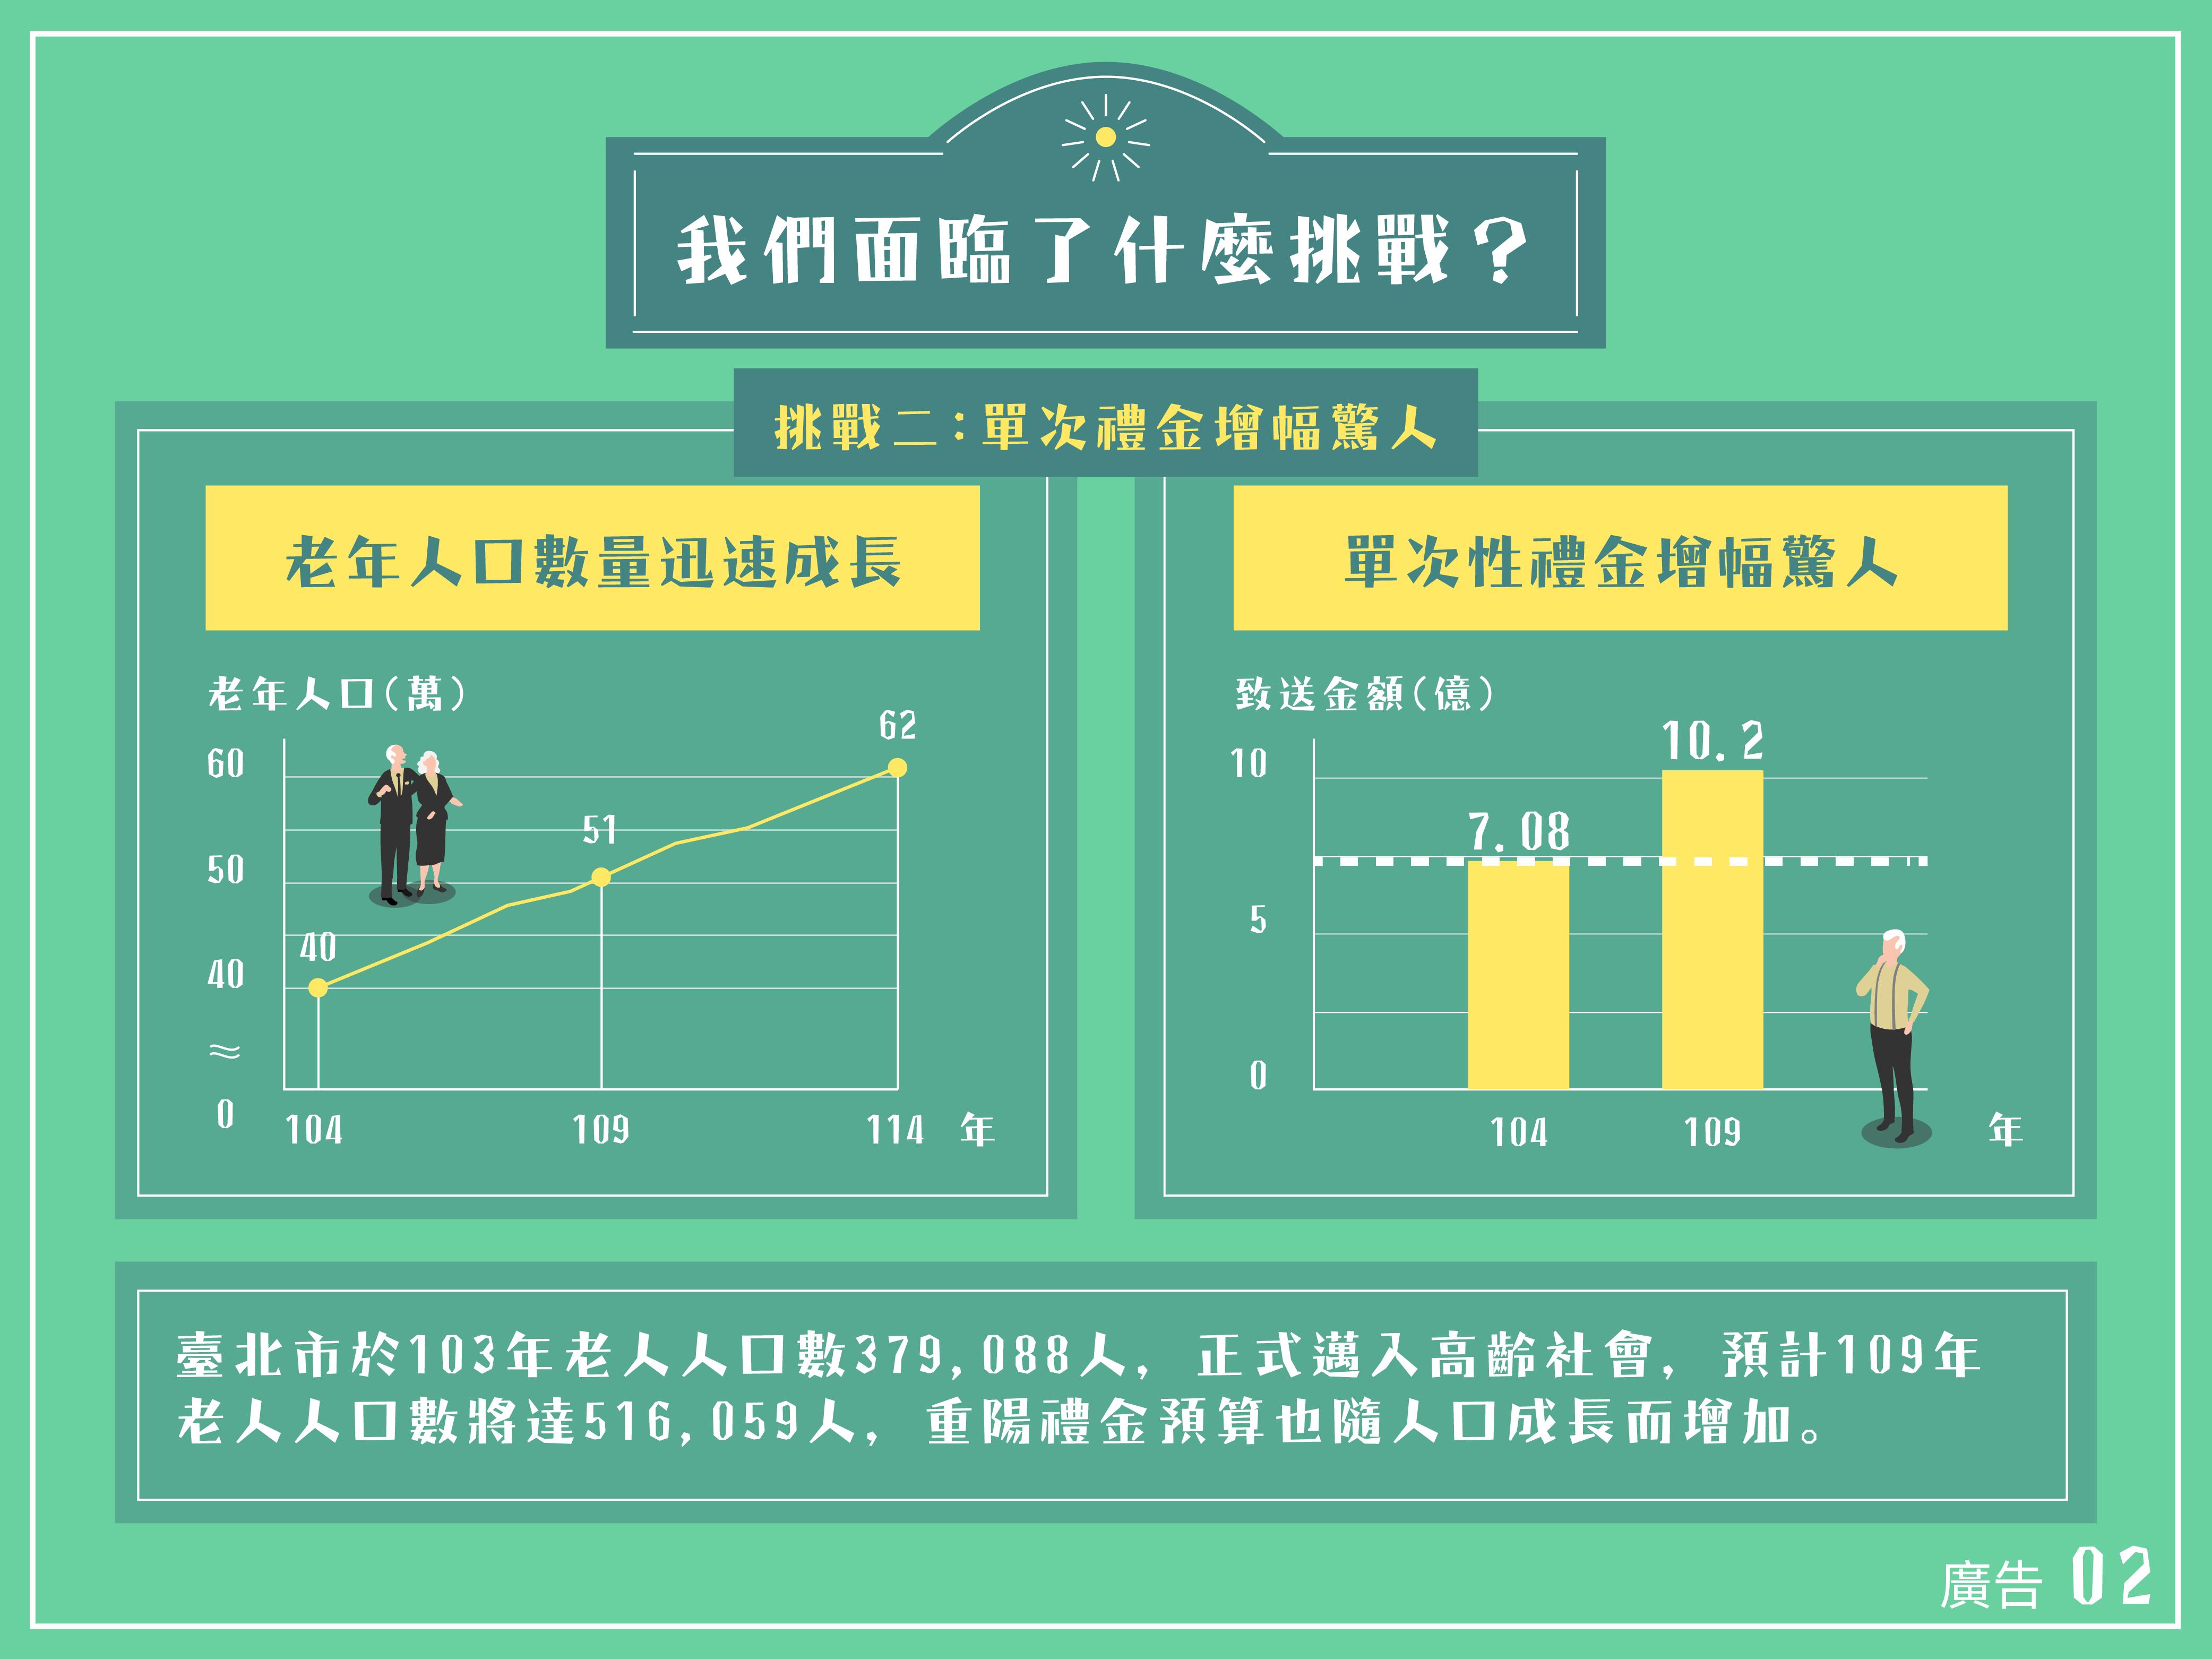 挑戰二:單次李金增幅驚人 臺北市正式邁入高齡社會,預計109年老人人口數將達516,059人